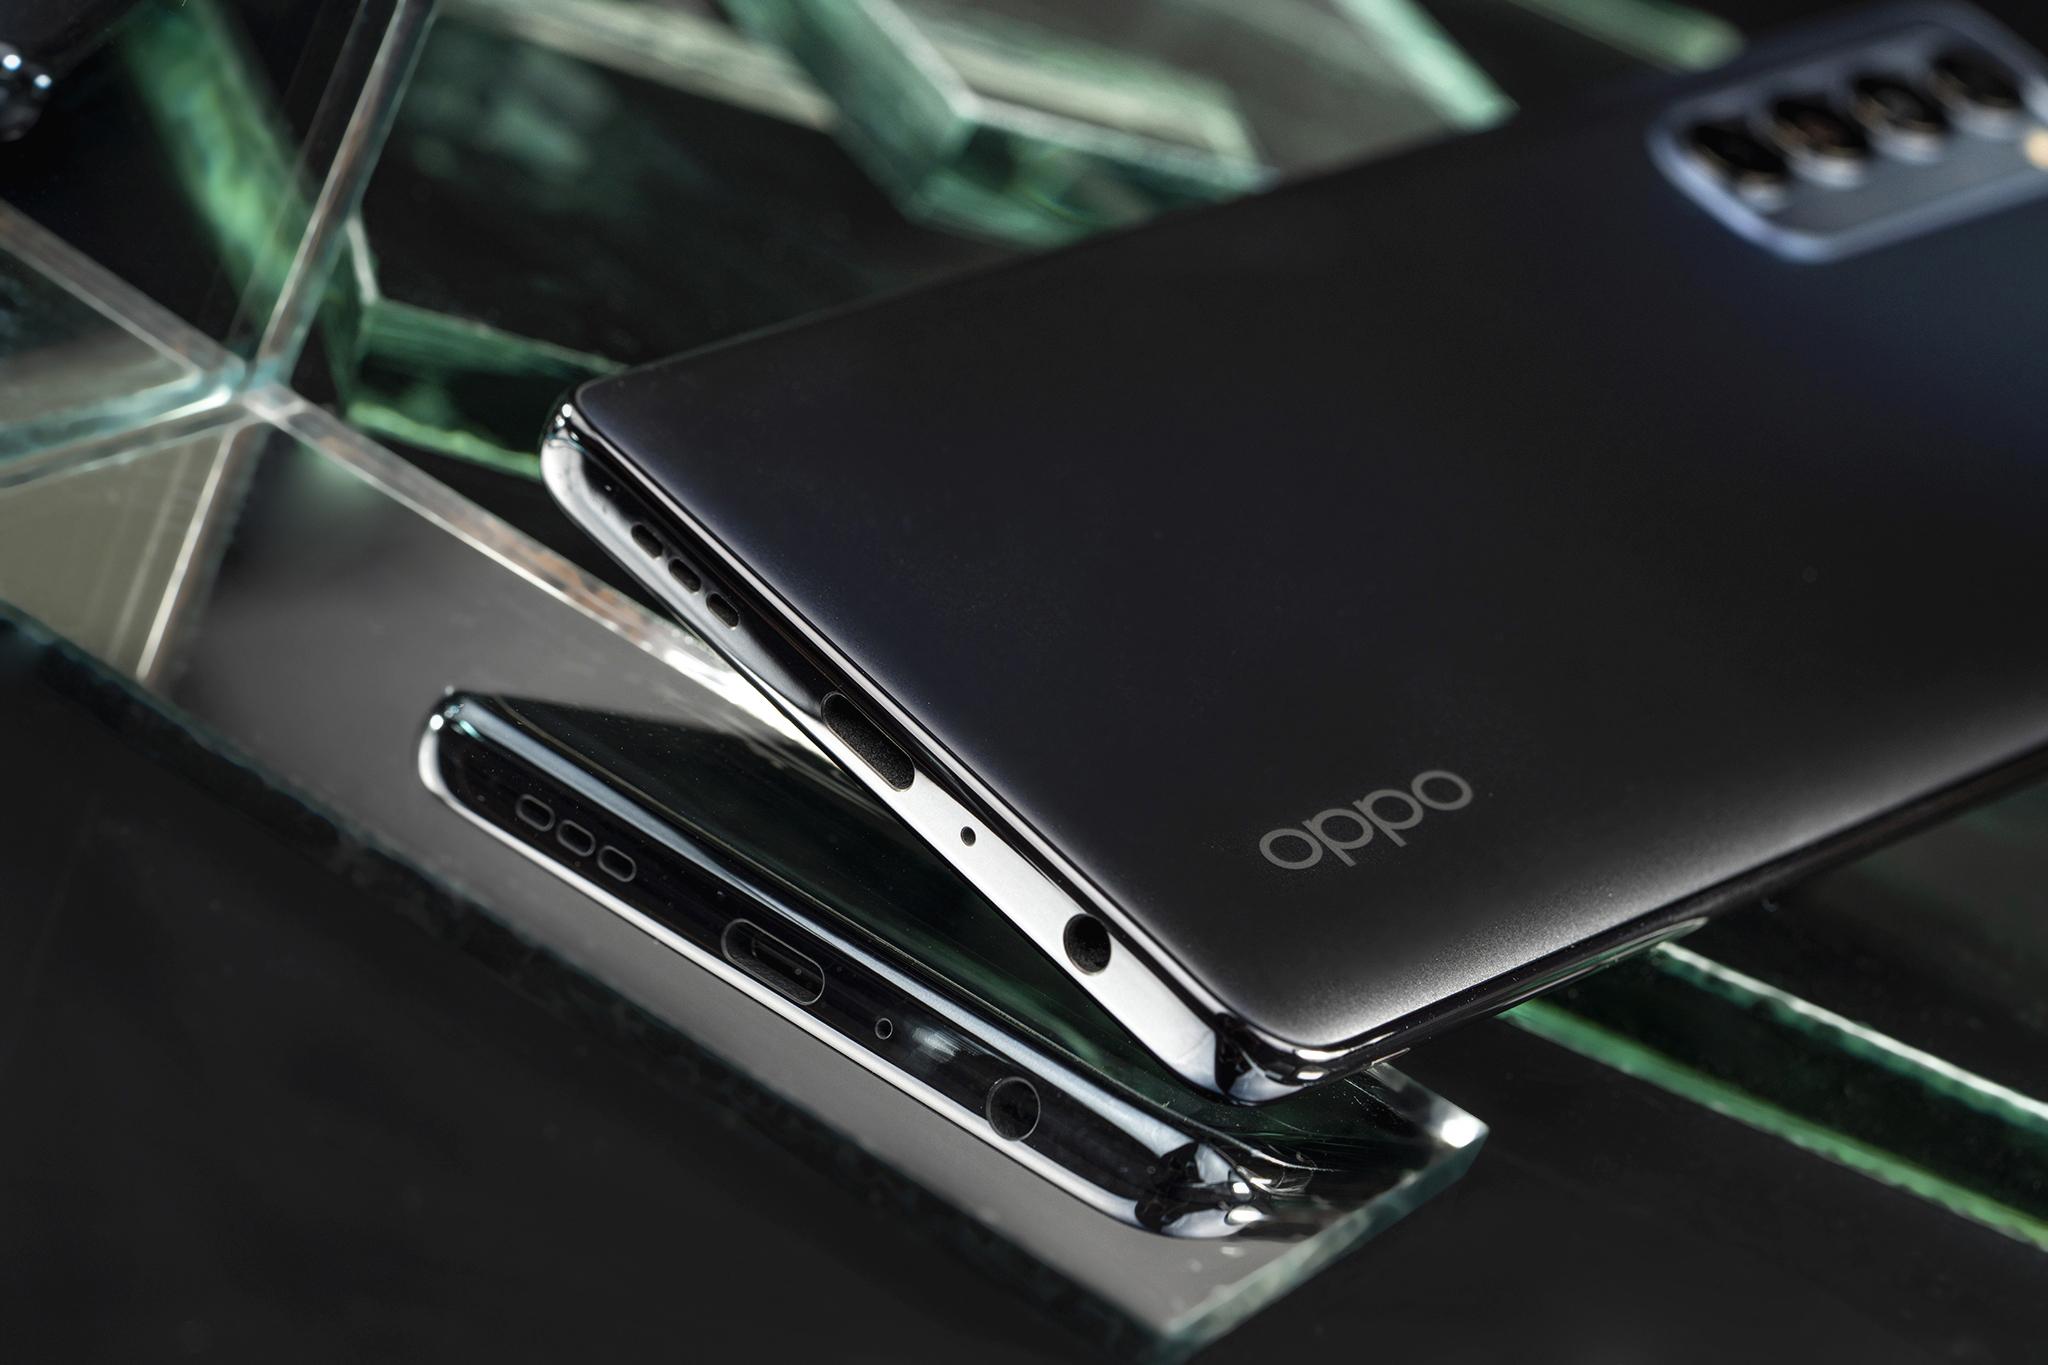 Ngắm Oppo Reno 4 Pro chất từng đường nét, ấn tượng với 4 camera siêu nhạy kèm sạc nhanh siêu tốc - Ảnh 3.